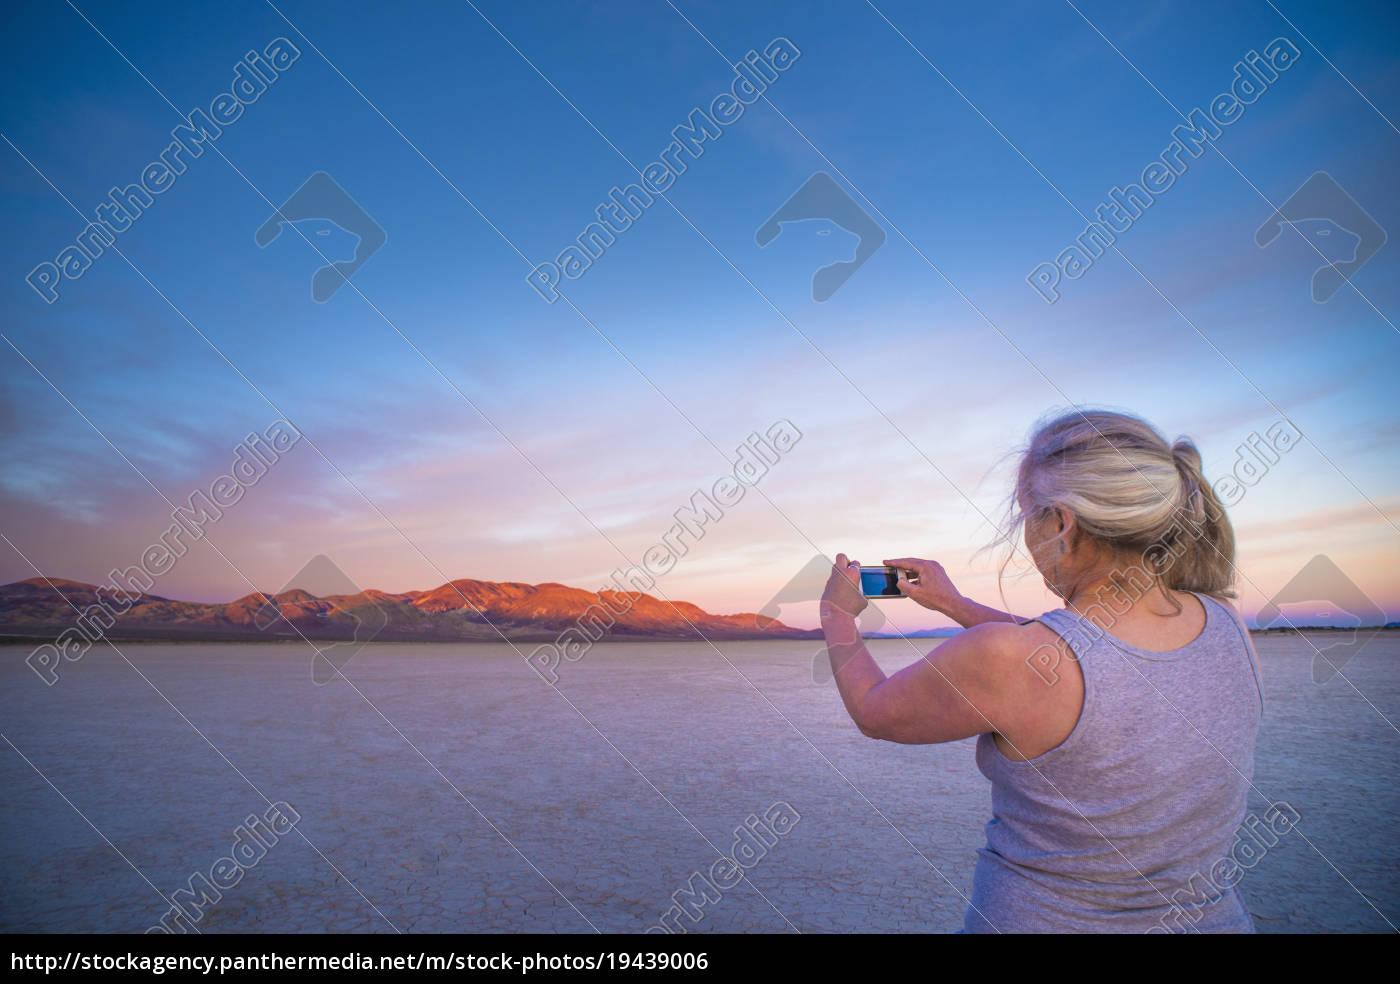 mujer, que, toma, la, fotografía, del - 19439006